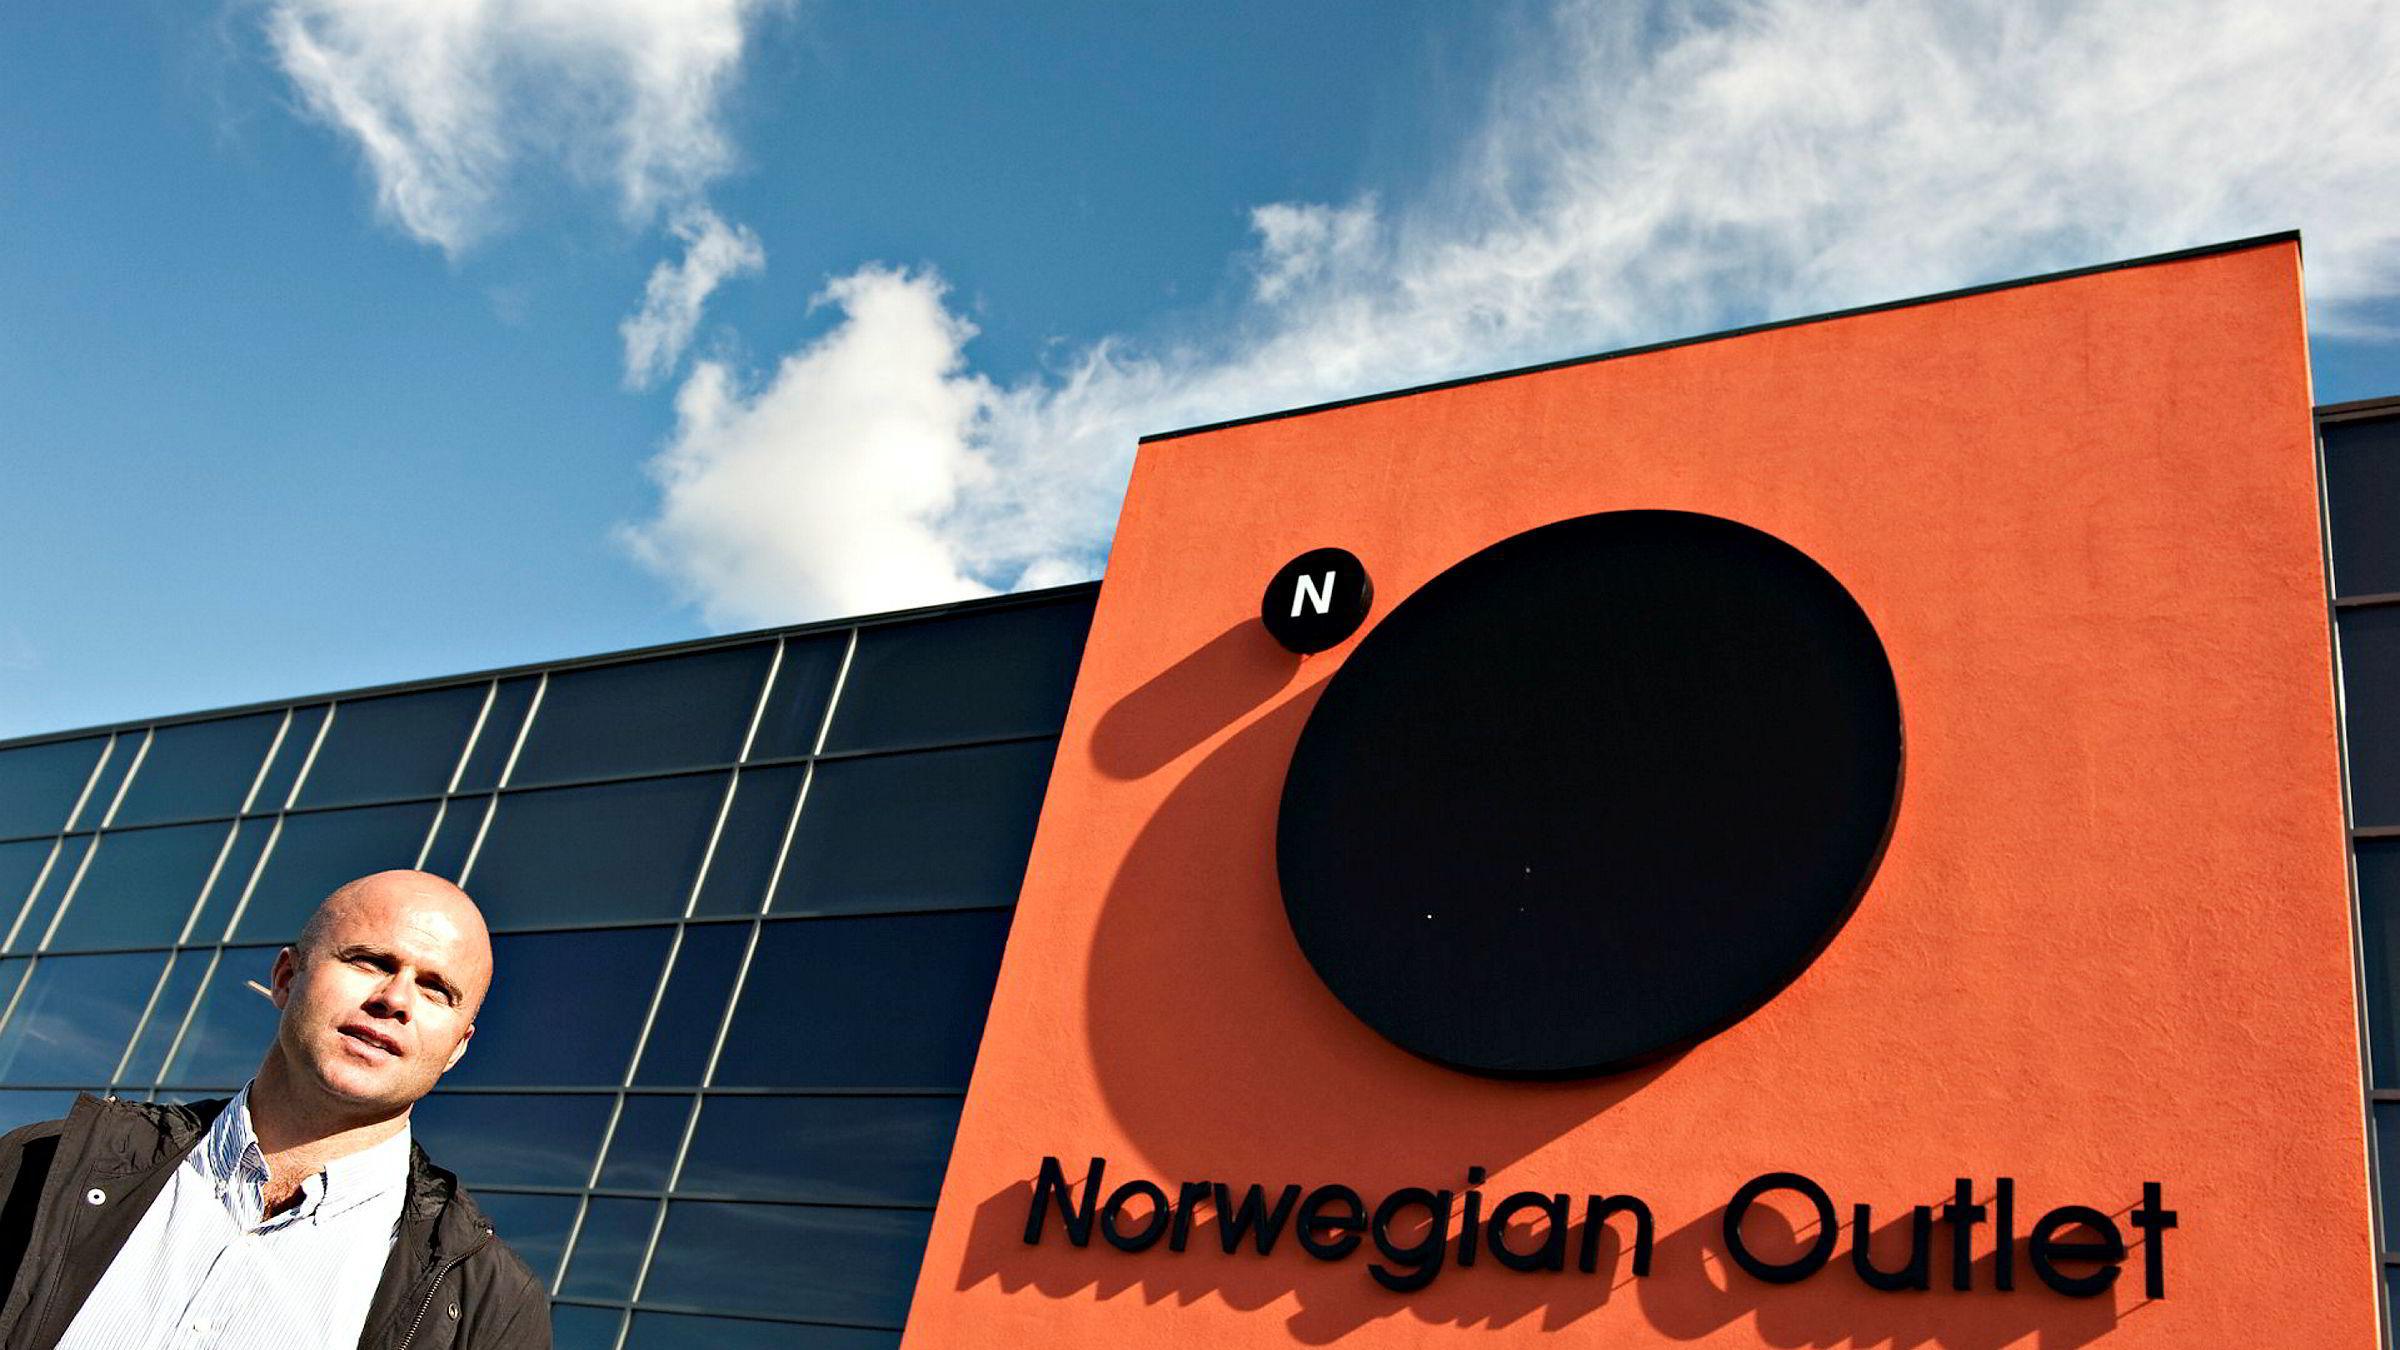 Ådne Søndrål solgte gullgruven Norwegian Outlet i 2017 til britiske Hammerson.